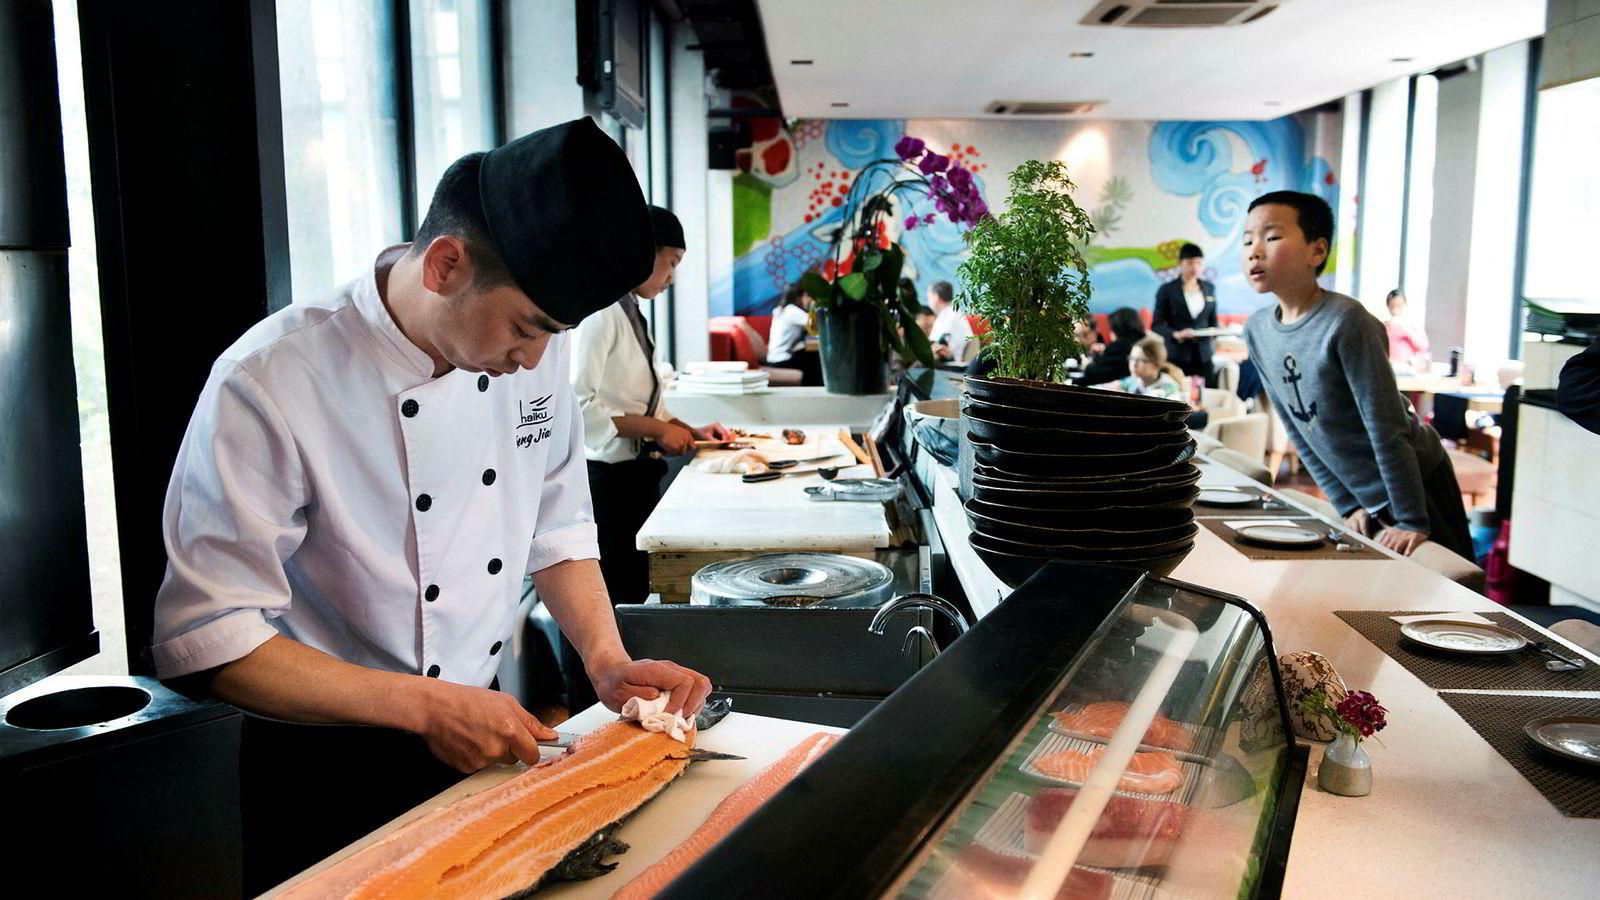 Den voksende middelklassen i Kina etterspør mer laks. På den japanske restauranten Haiku i området Det franske kvarter i Shanghai må kokken Feng Jiang nøye seg med en skotsk laks, men kan snart vente seg leveranser fra Norge.